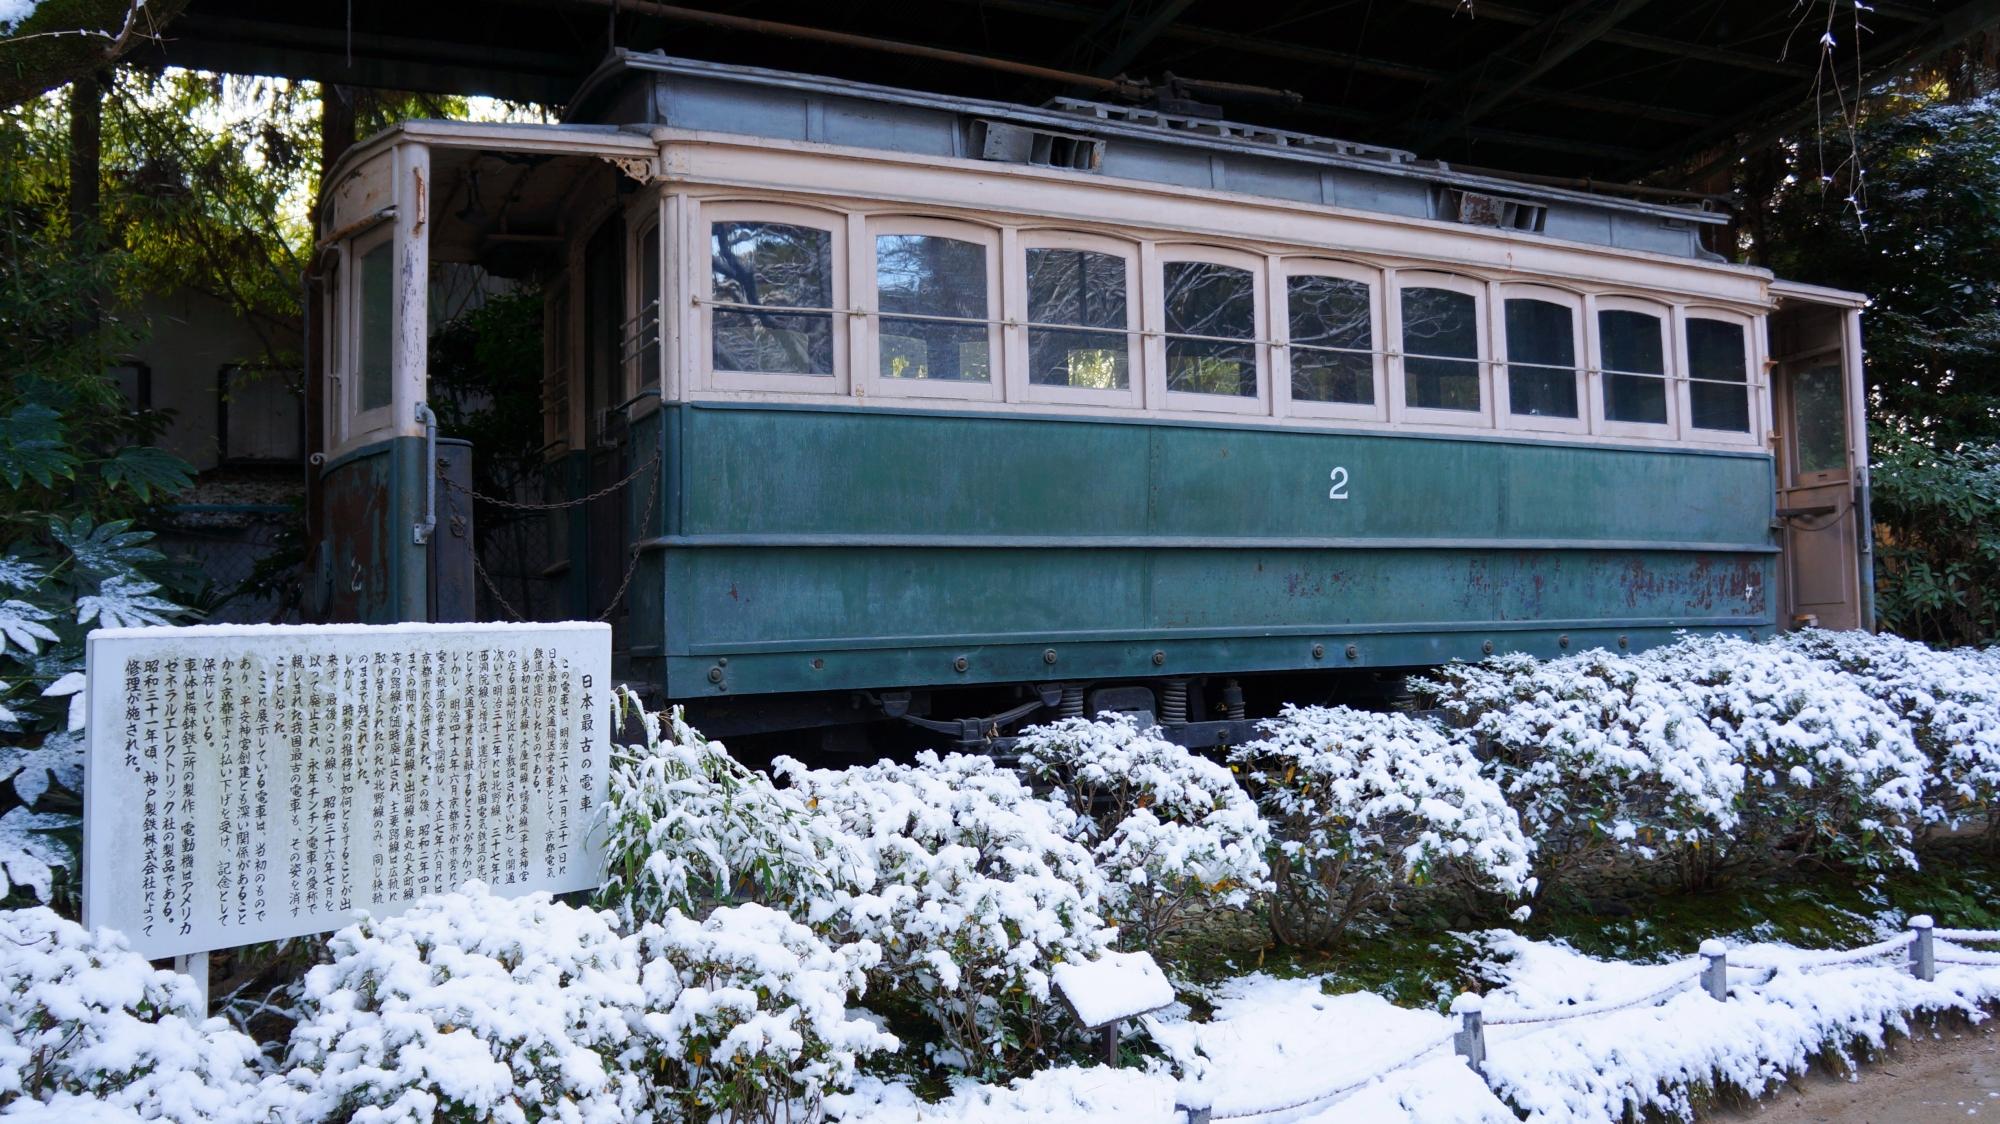 平安神宮神苑の雪につつまれた日本最古の電車